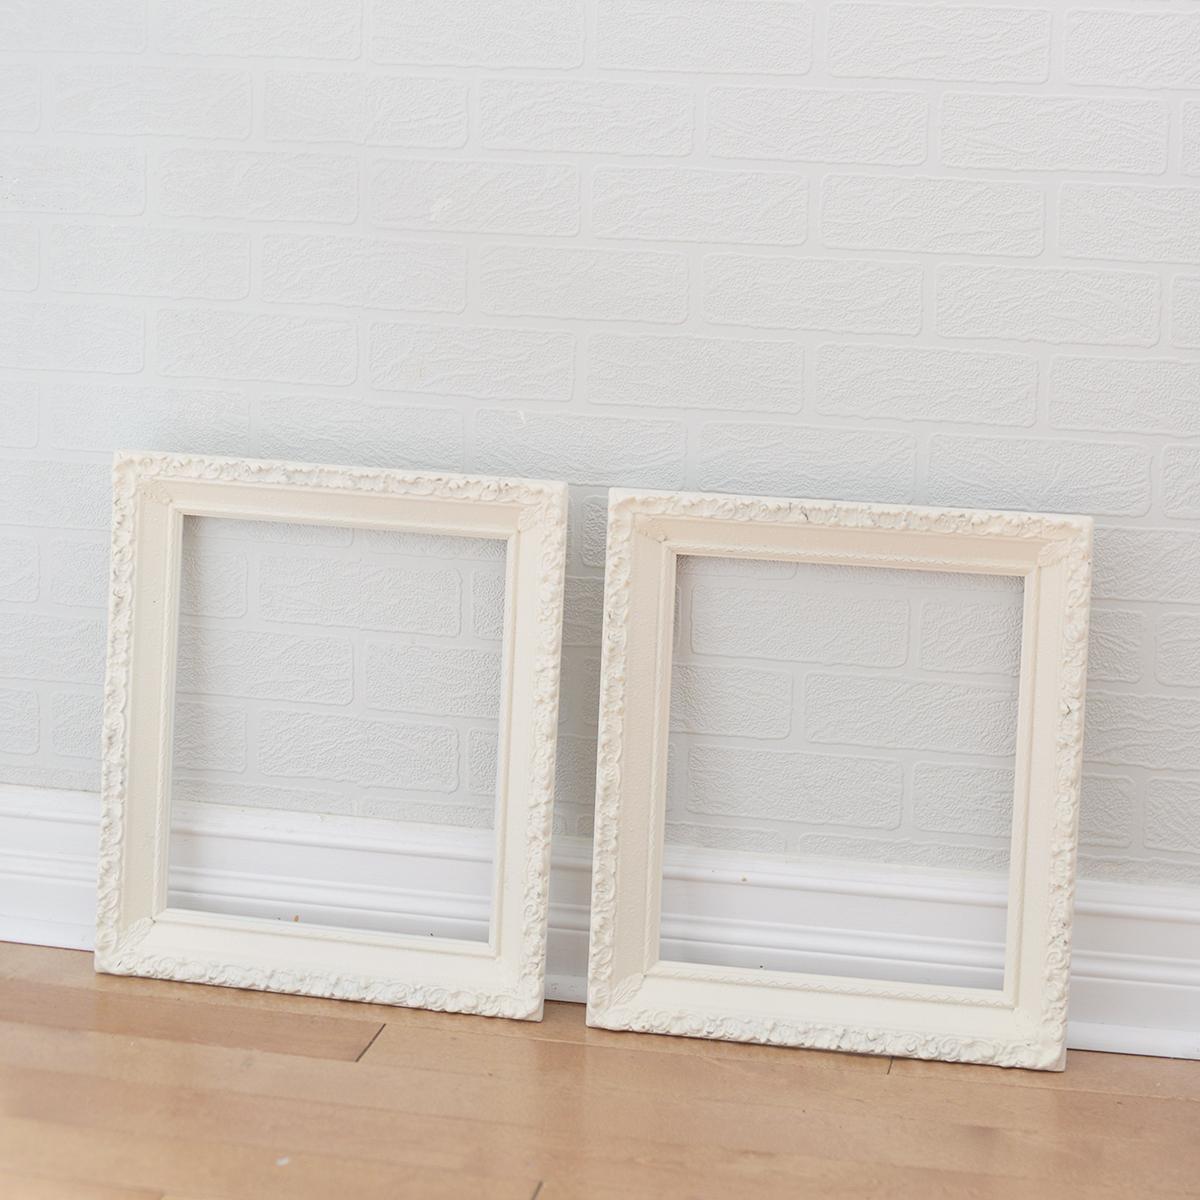 """11"""" x 13"""" georgia frames - 2 available"""